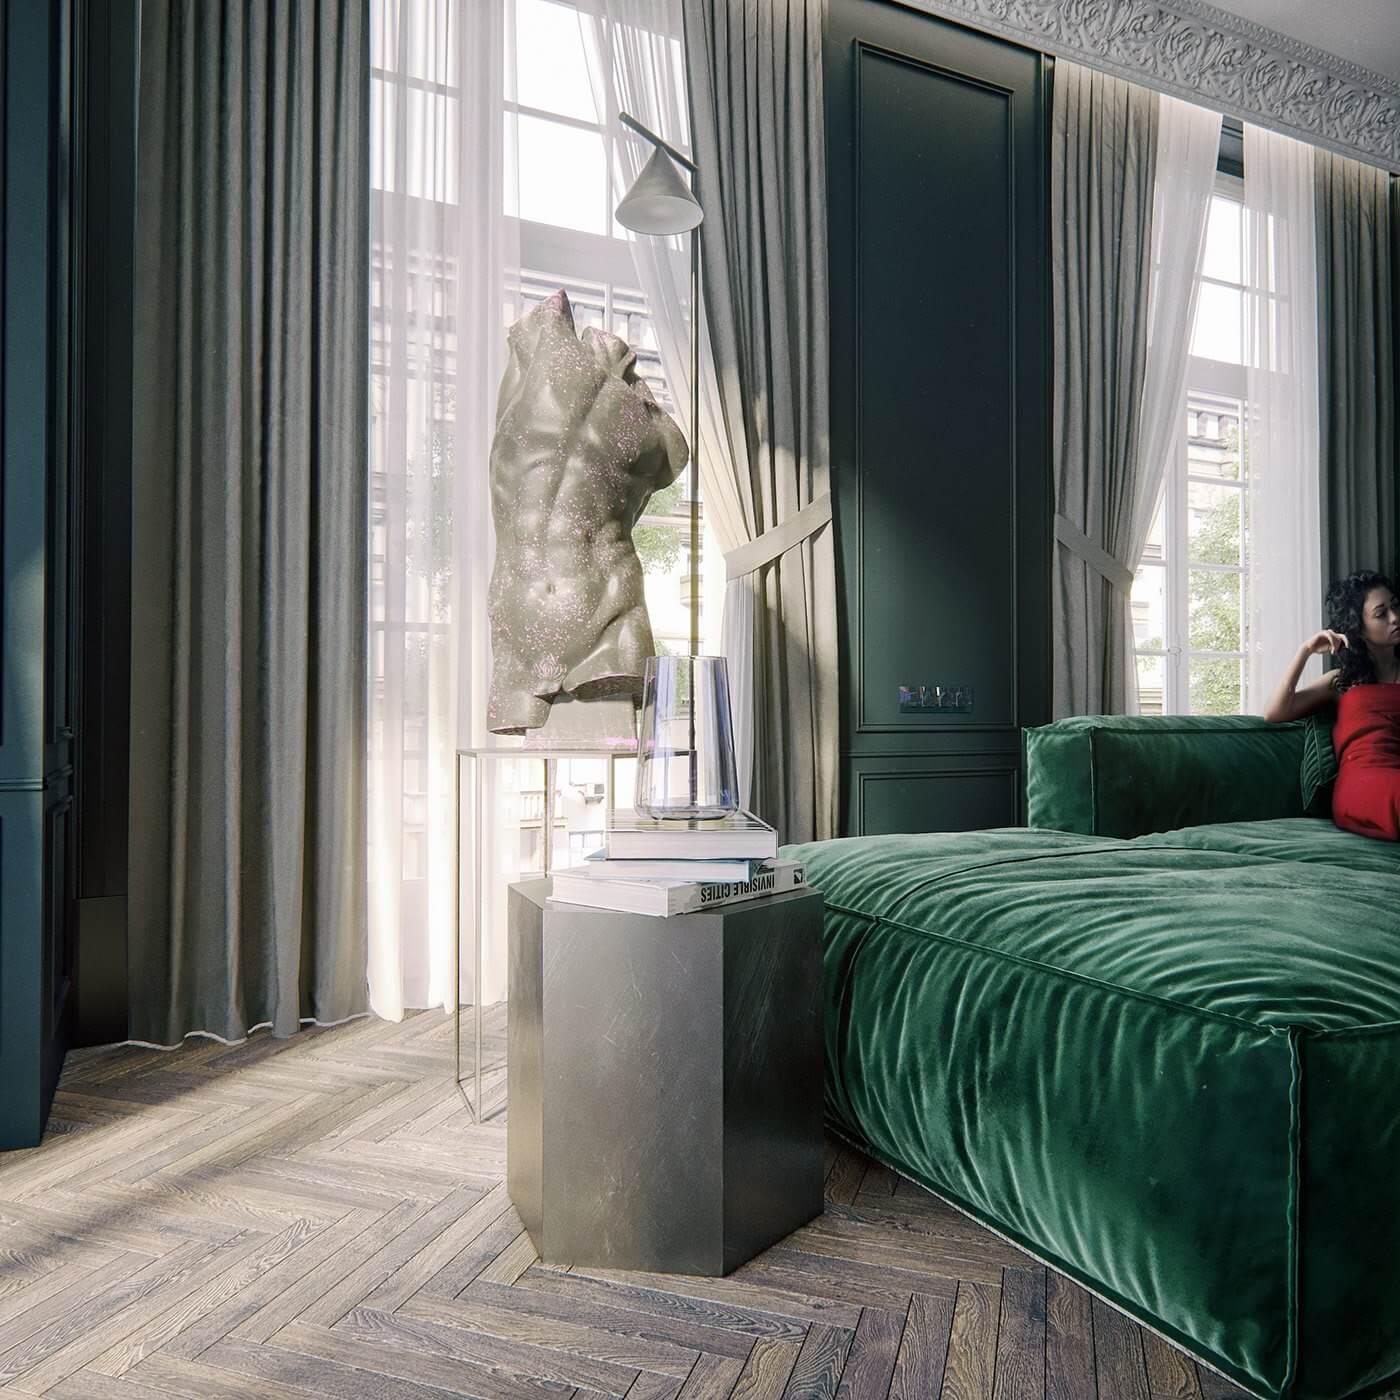 Maison Noire Apartment Paris sculpture living room - cgi visualization